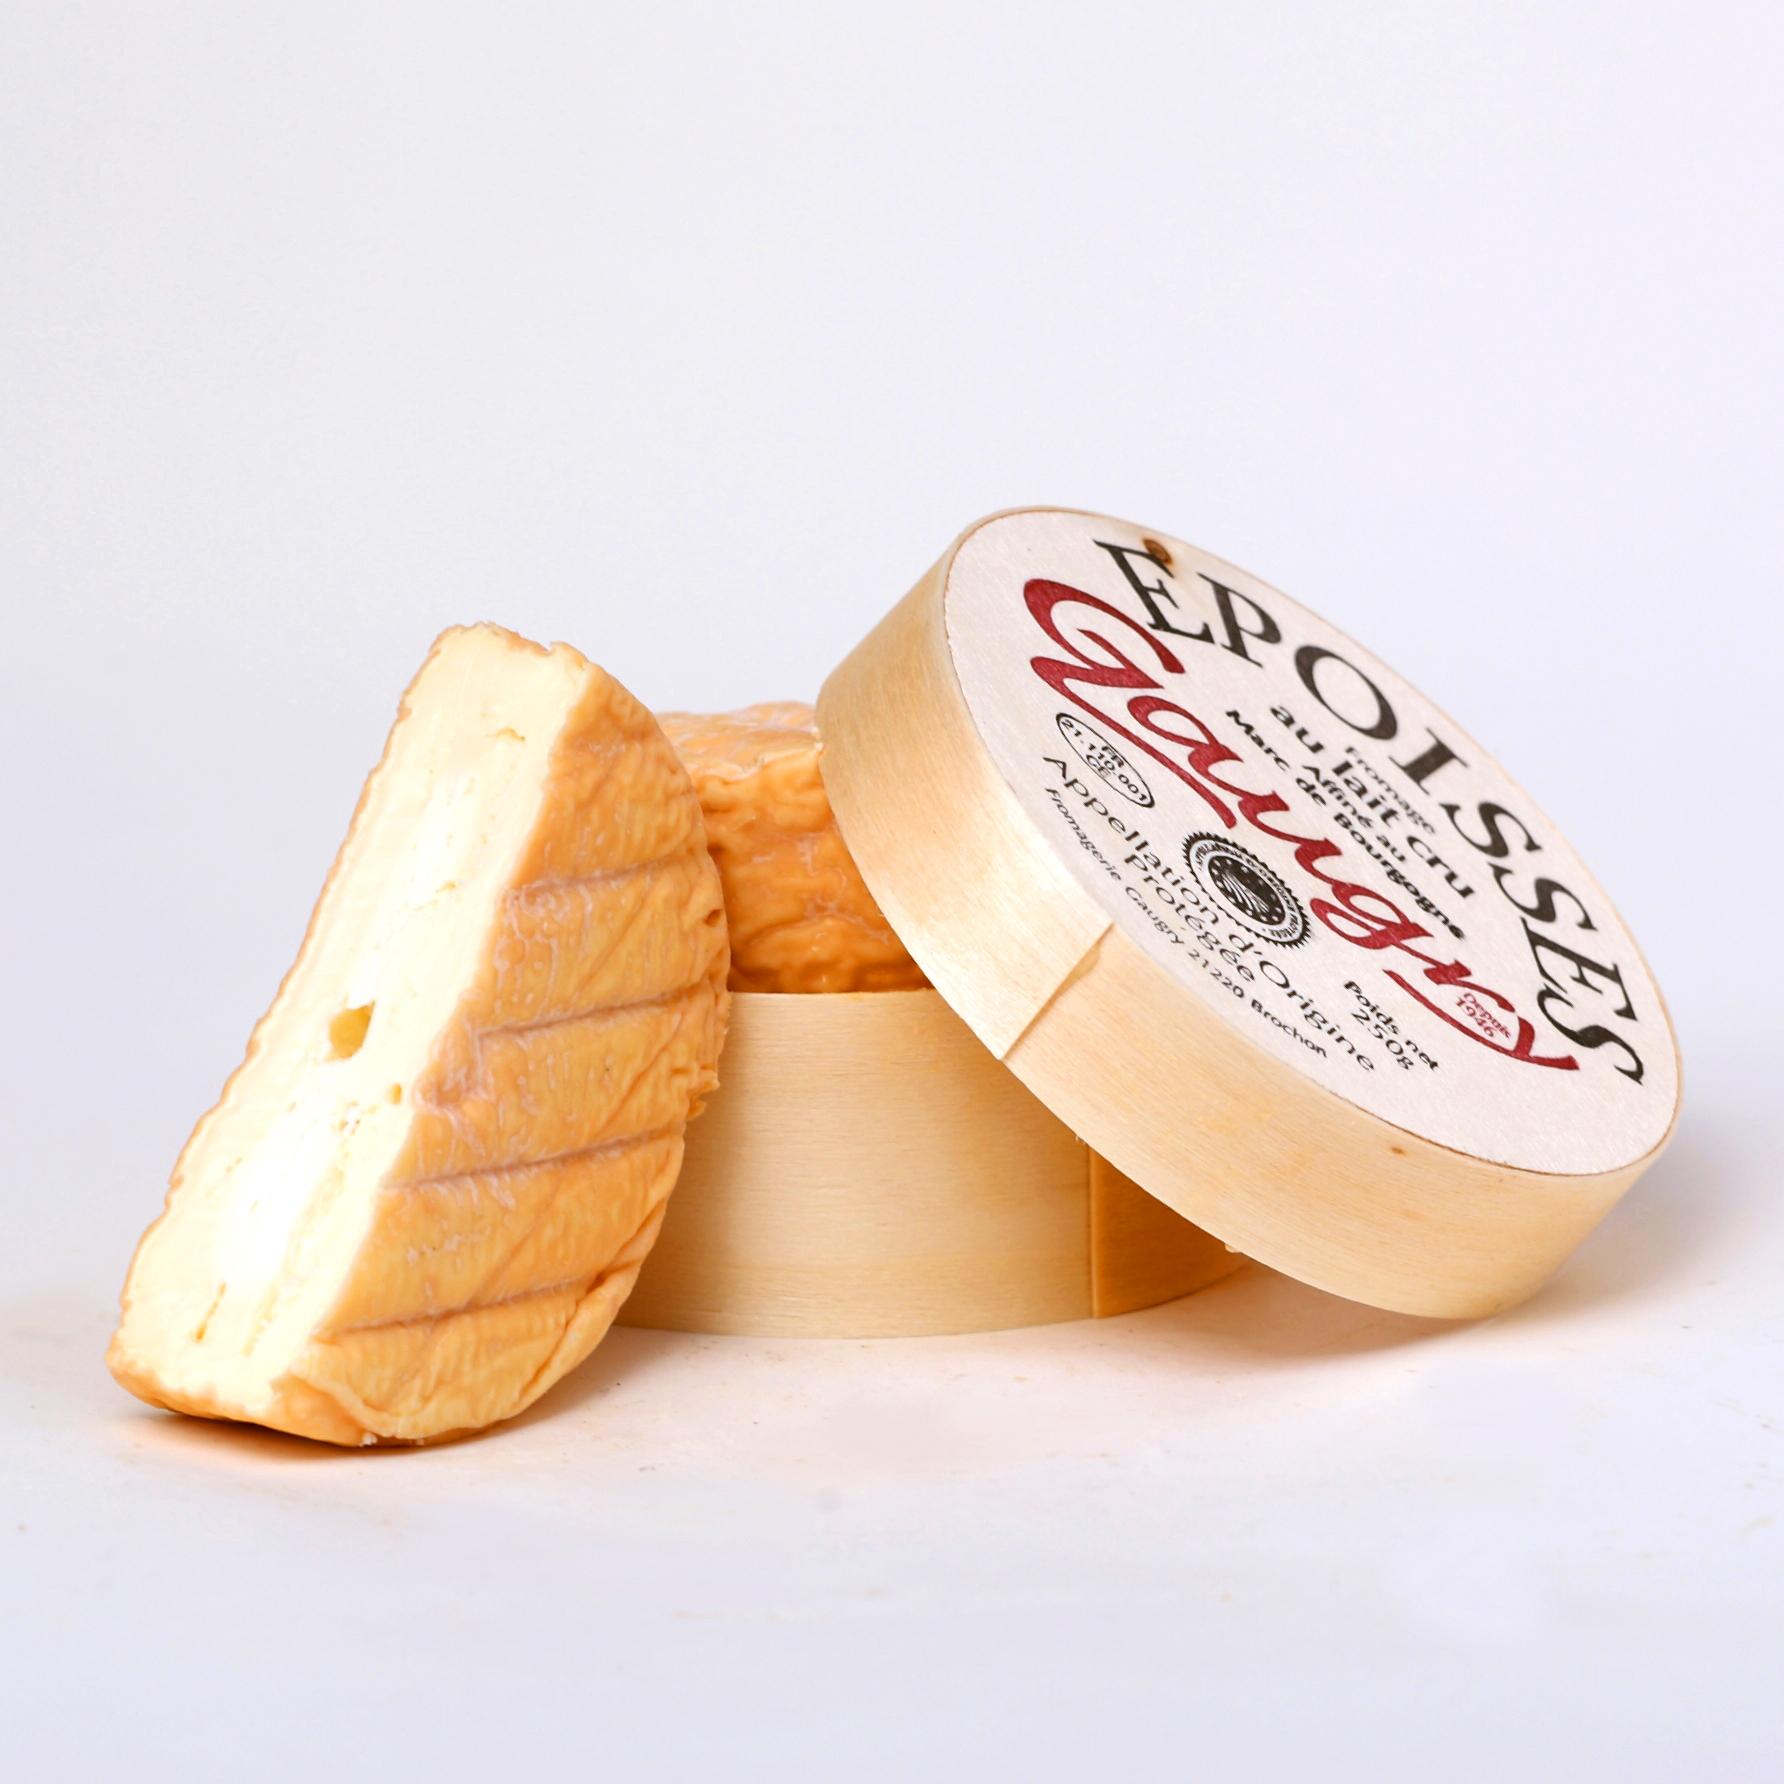 France Cow Epoisses.JPG